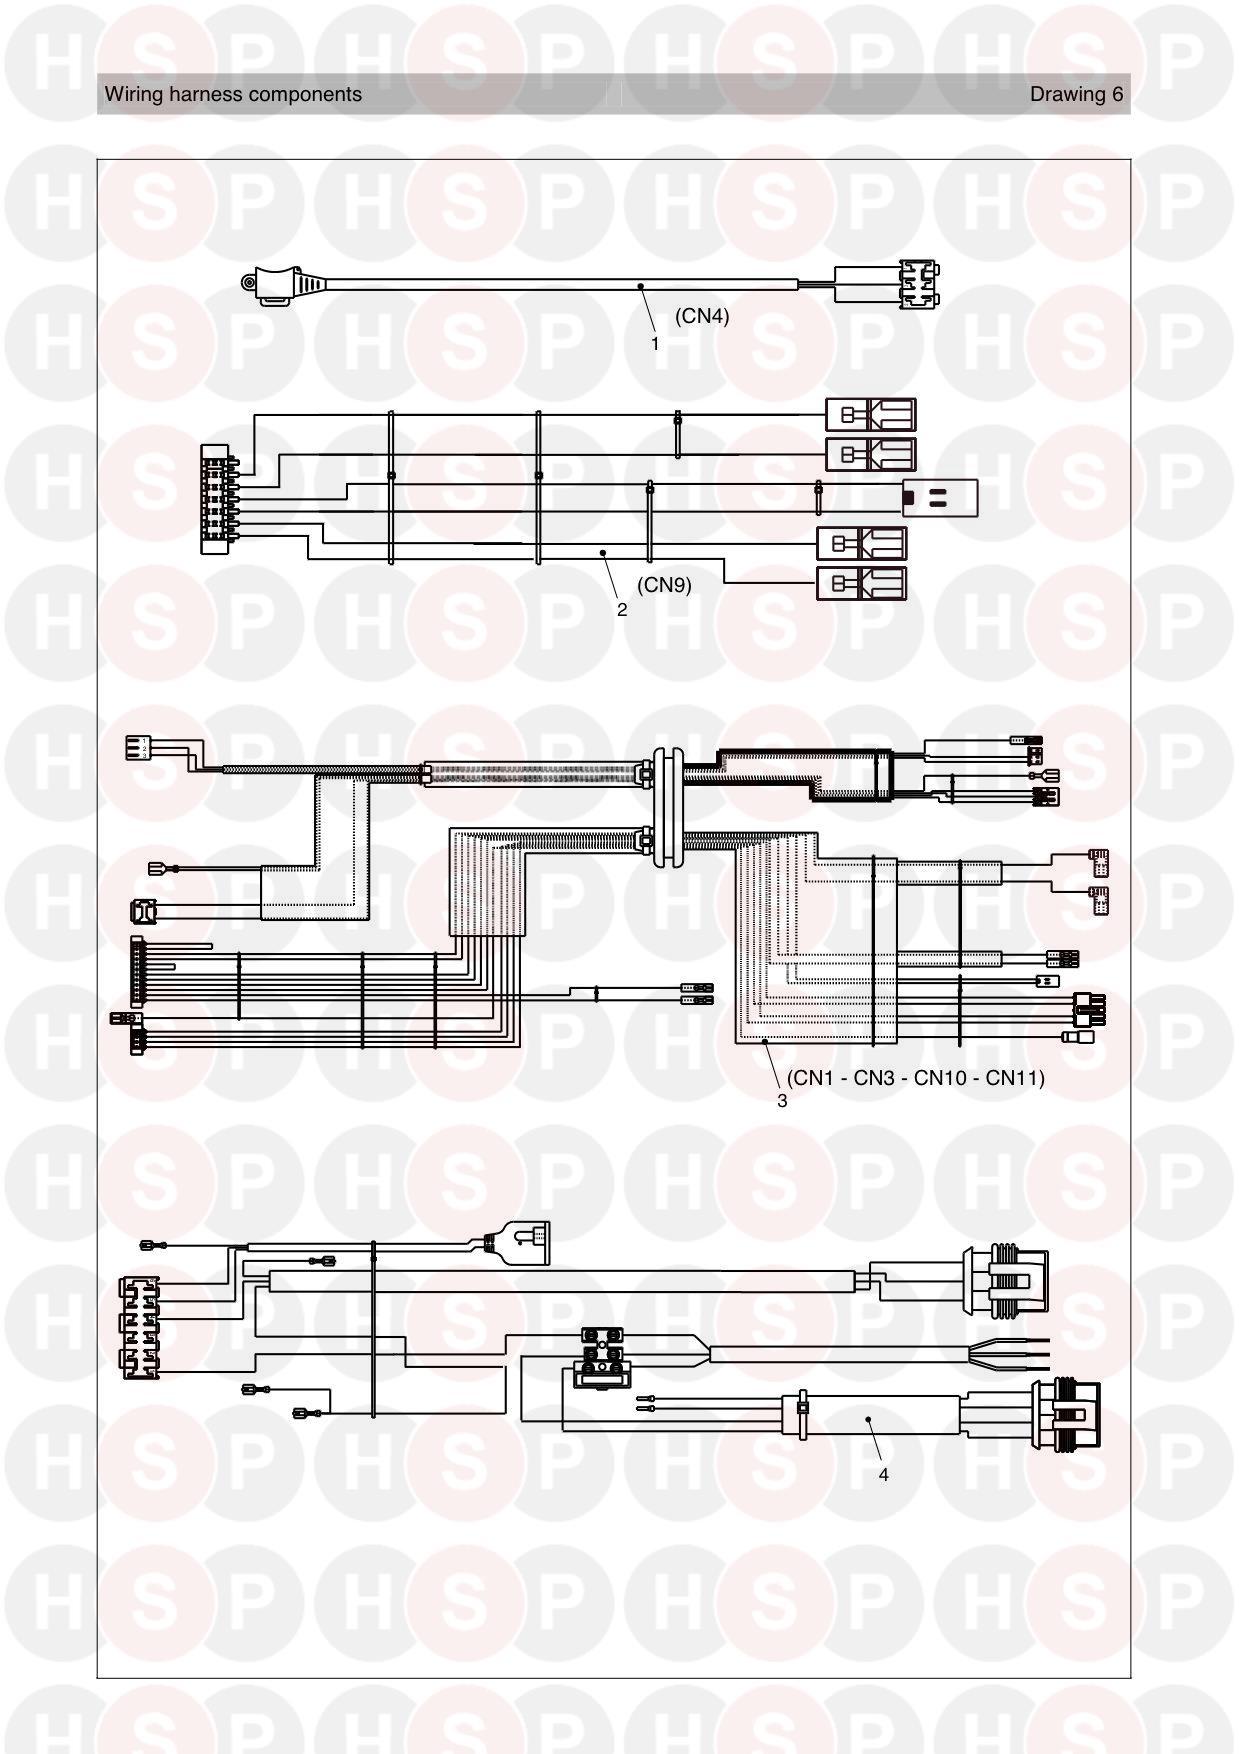 Vokera Compact 25 A Erp Rev 5  09  2017   Wiring Diagram